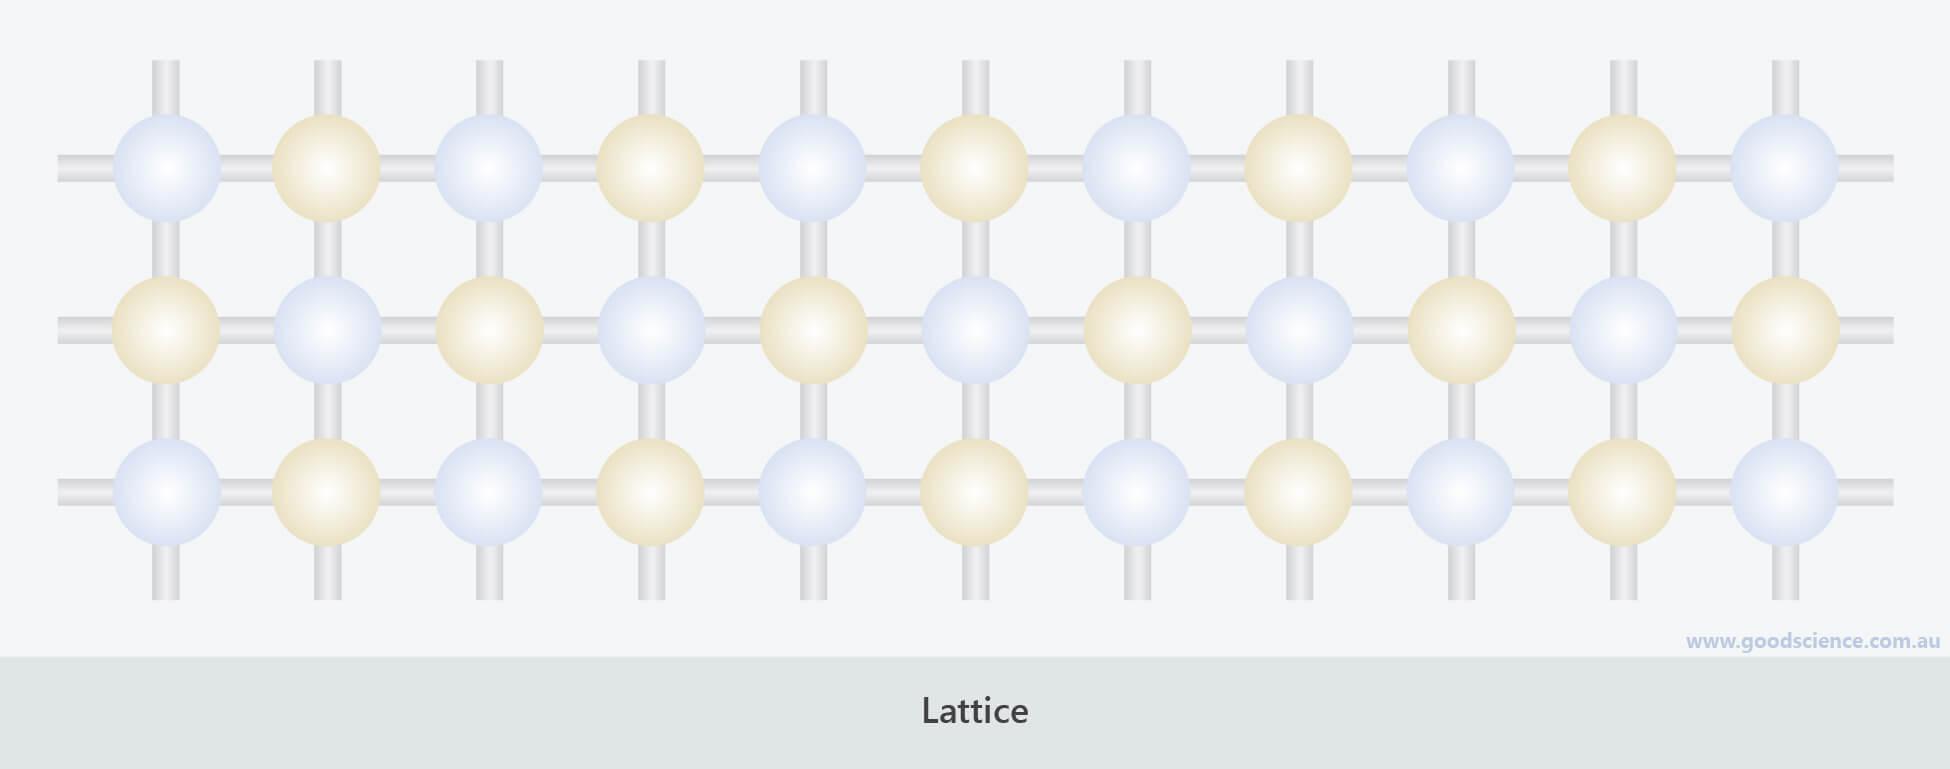 lattice structure atom arrangement